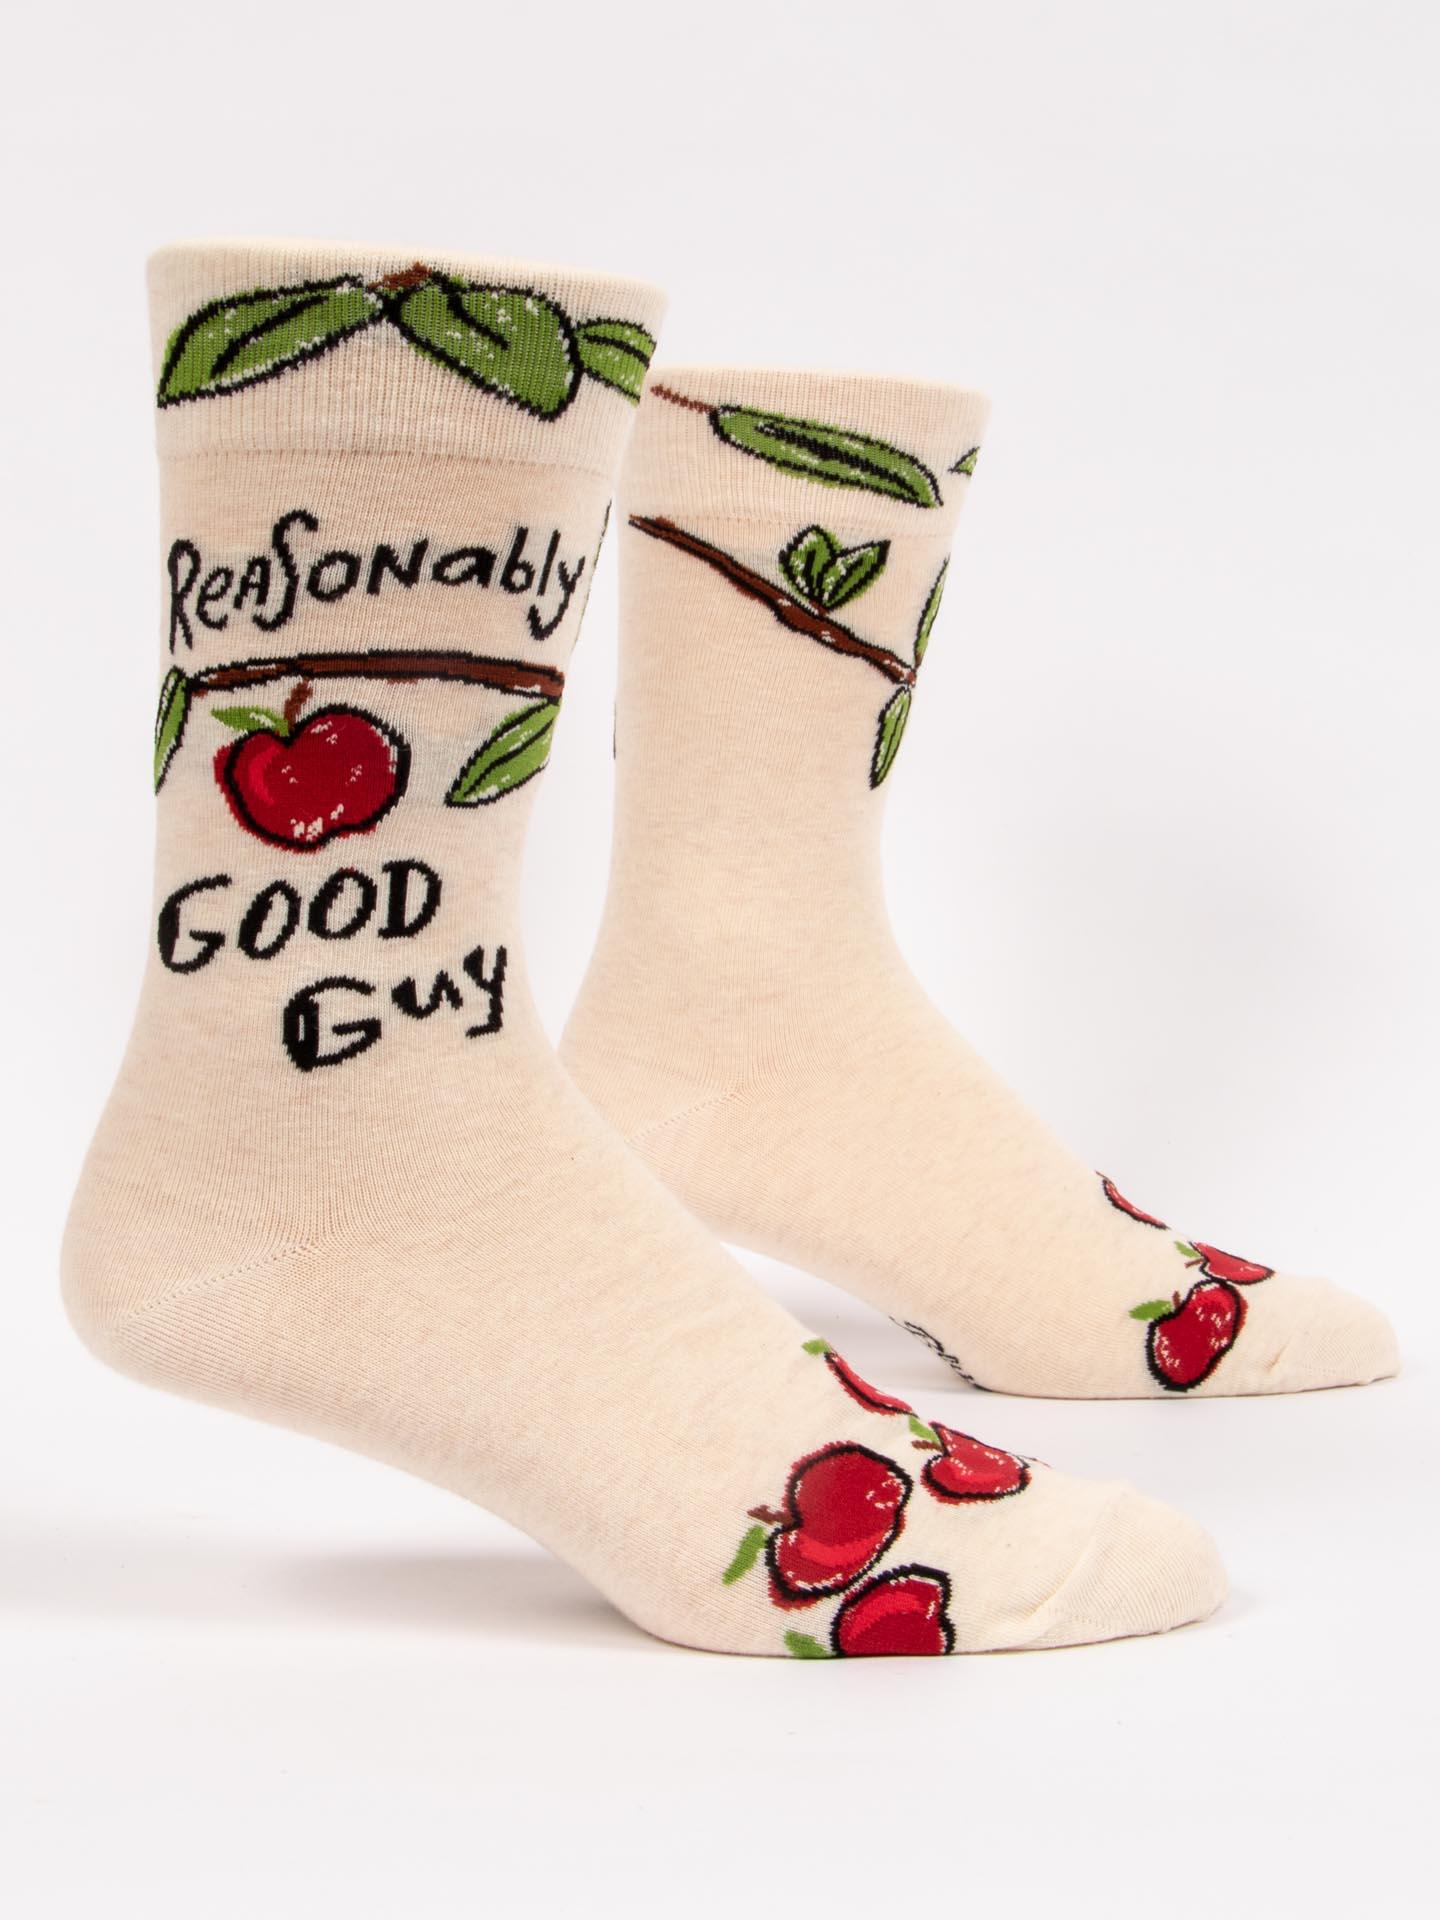 Blue Q Men's Socks Reasonably Good Guy